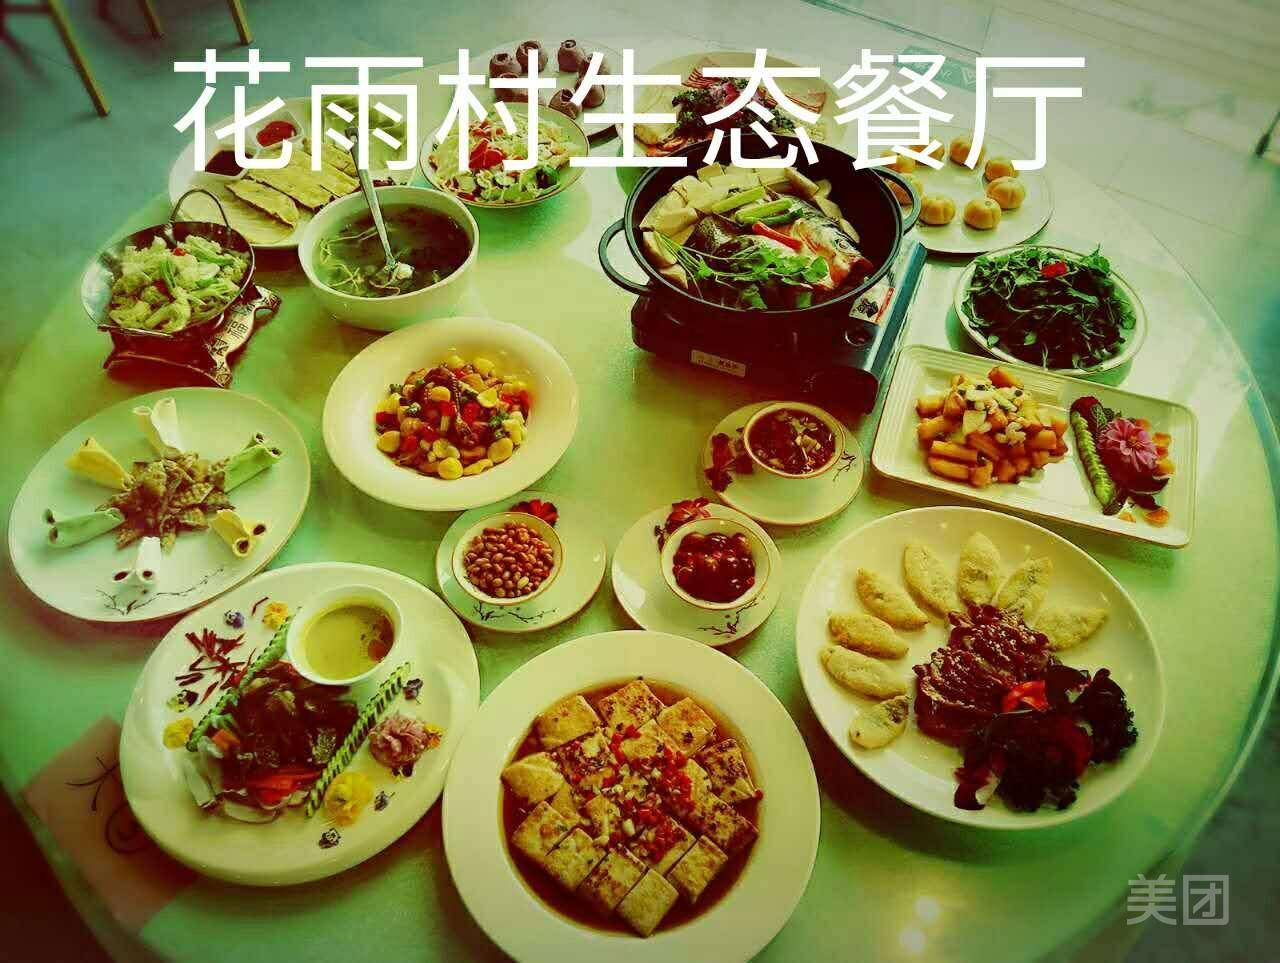 花雨村生态餐厅